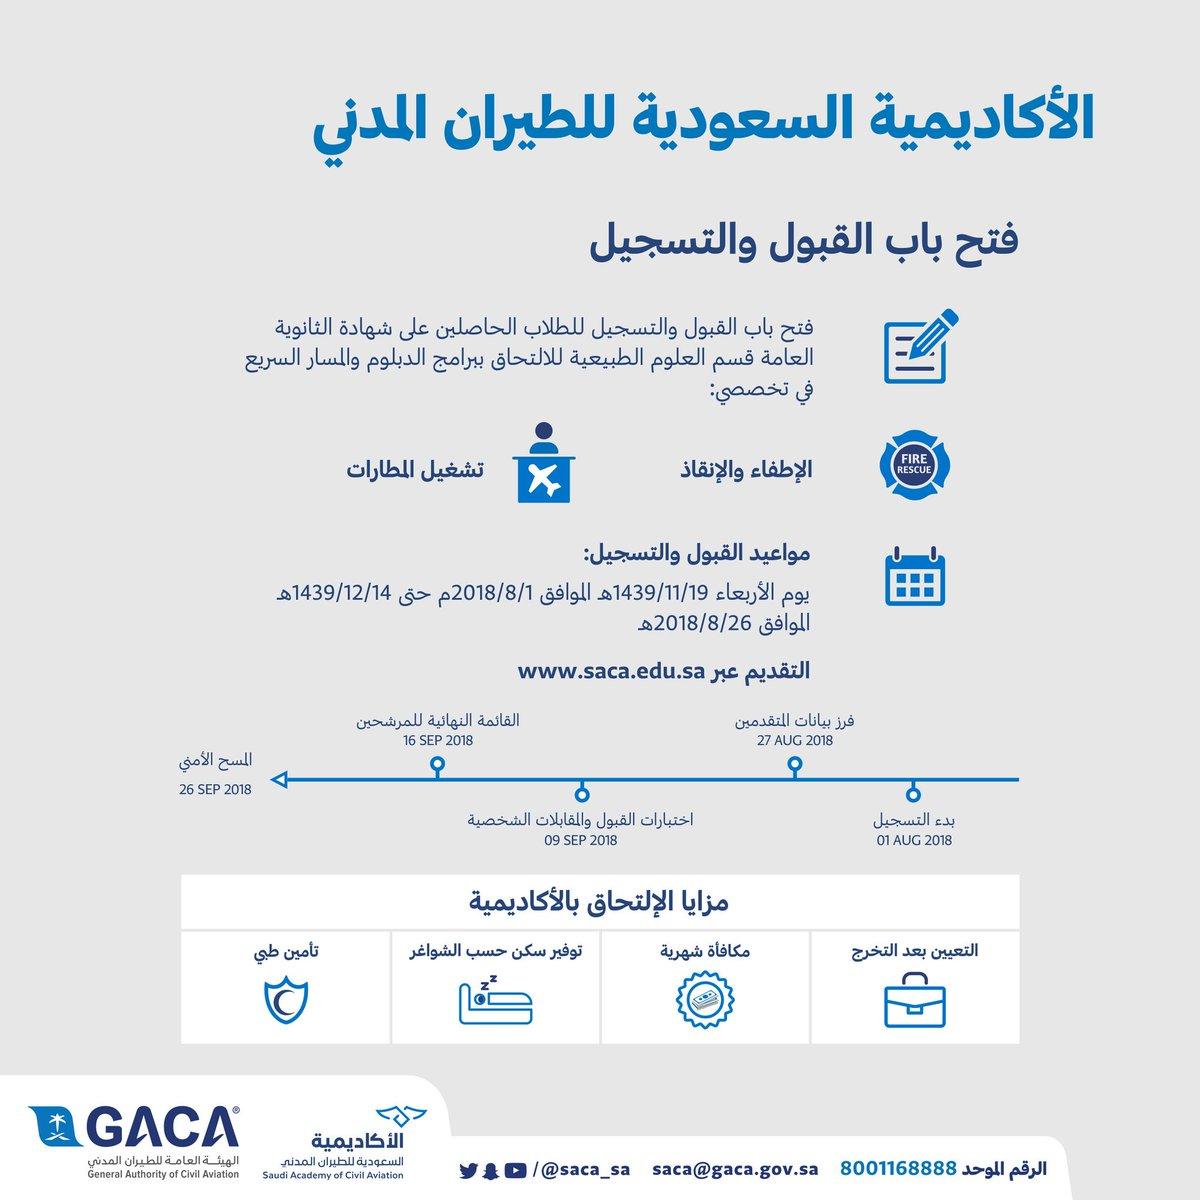 الأكاديمية السعودية للطيران المدني على تويتر شروط القبول والتسجيل لبرامج فني إطفاء وإنقاذ دبلوم تشغيل مطارات دبلوم مشغل أجهزة إنذار مسار سريع برنامج م سعف مسار سريع مشغل